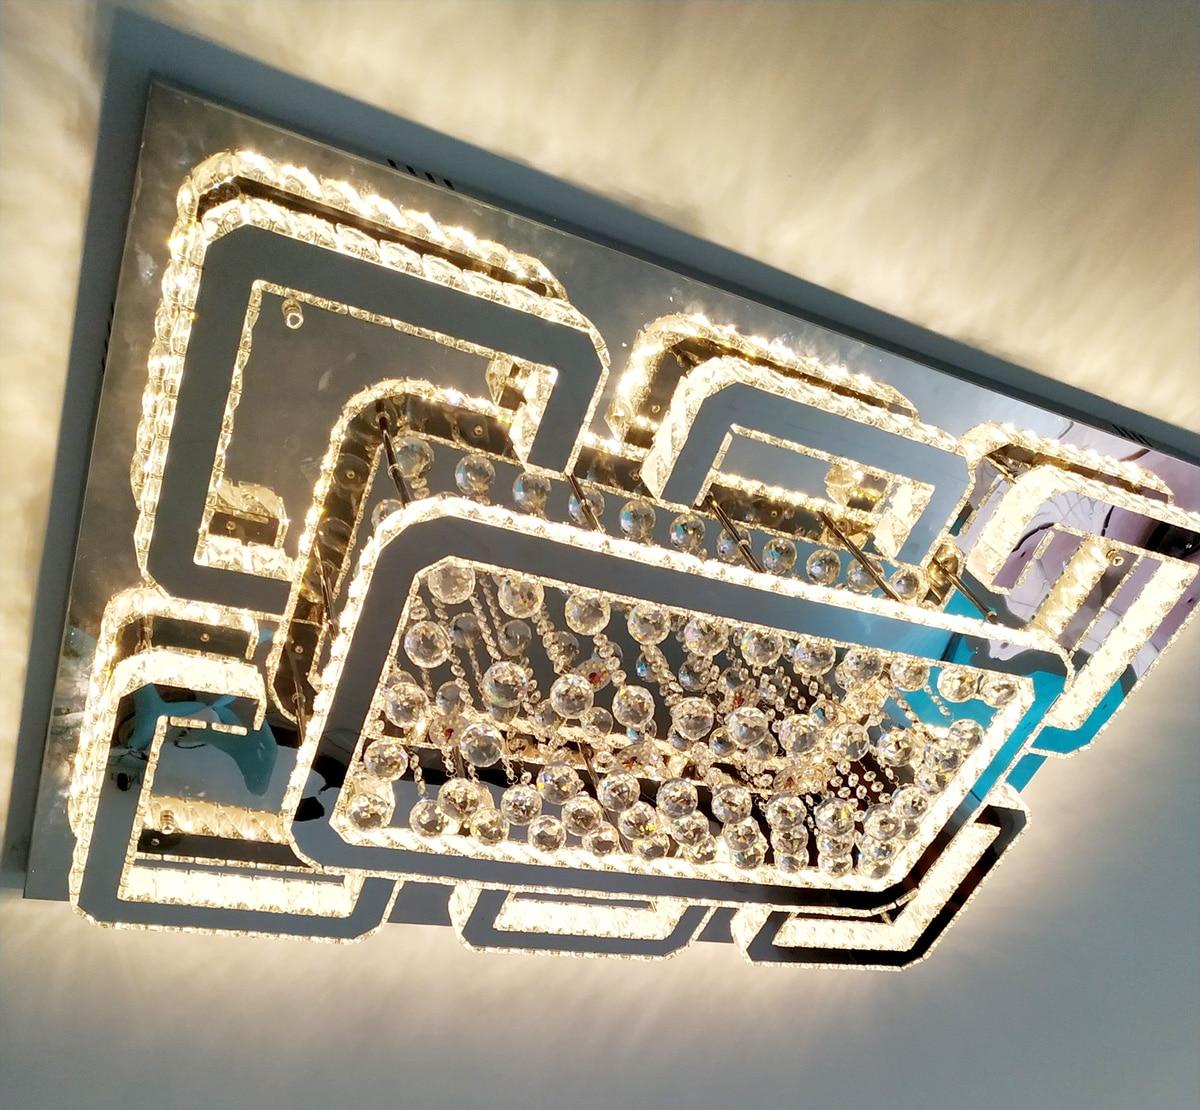 Iluminação led para teto, iluminação para quarto